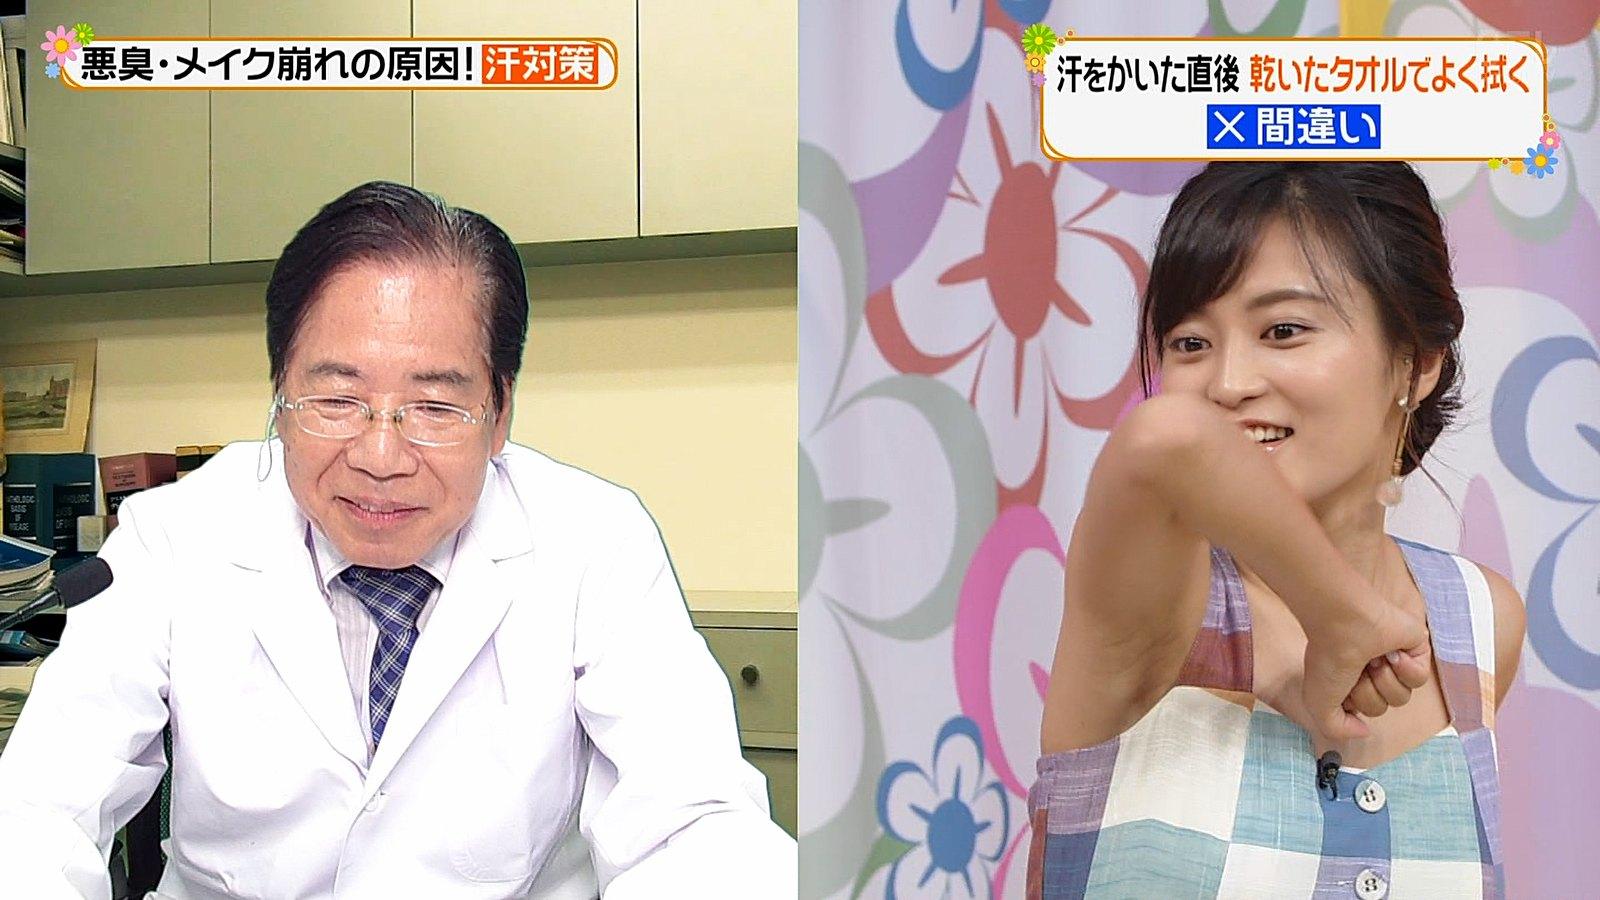 小島瑠璃子の腋見せ (1)